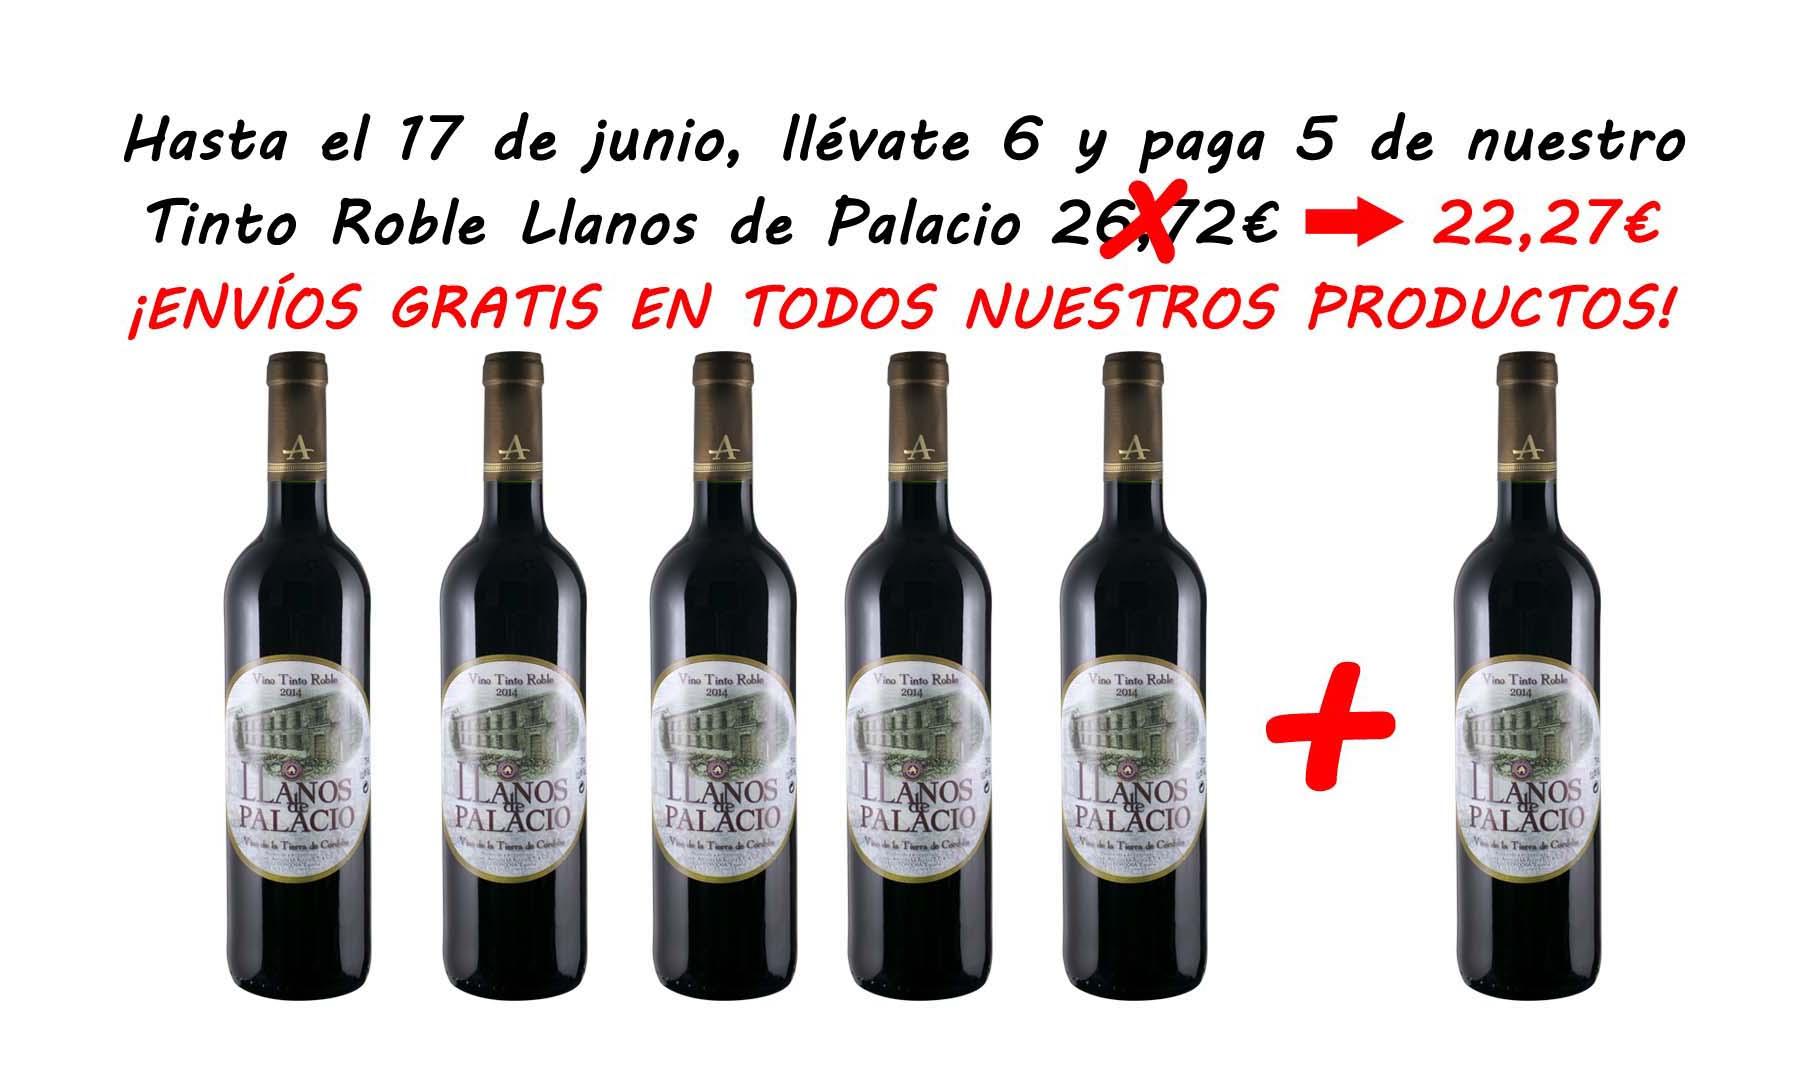 Tinto Roble Llanos de Palacio 6 x 5